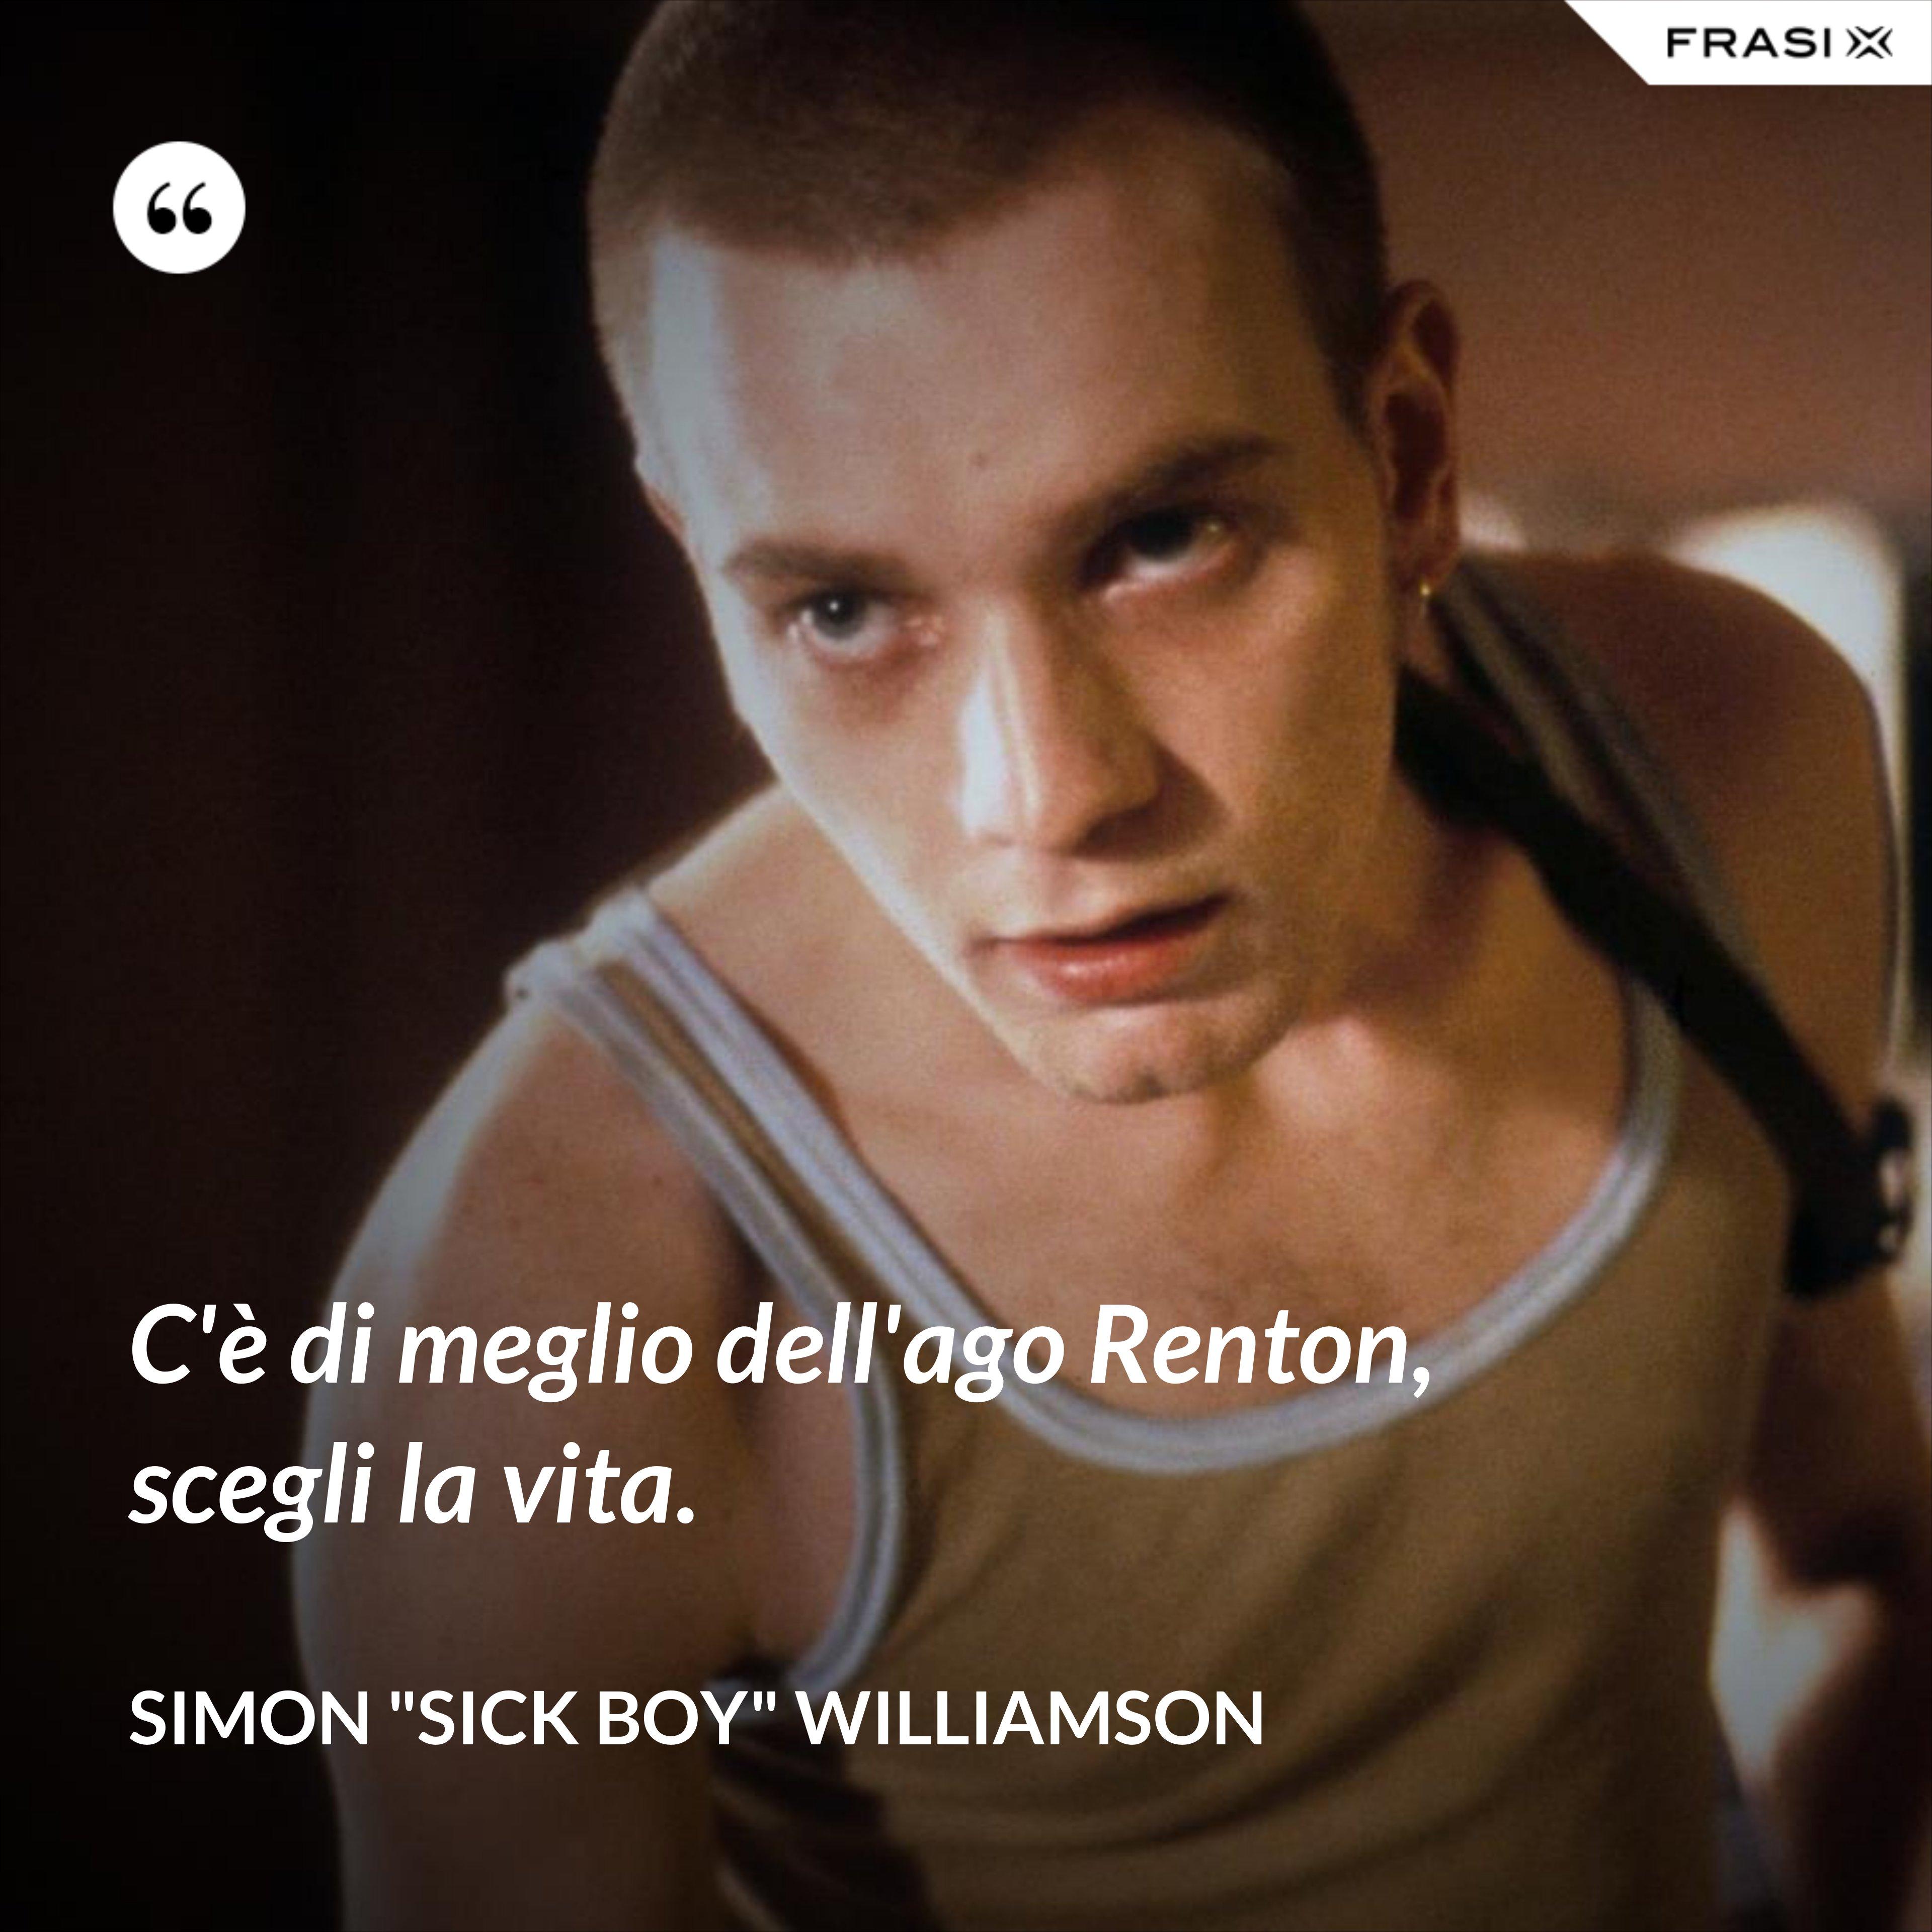 """C'è di meglio dell'ago Renton, scegli la vita. - Simon """"Sick Boy"""" Williamson"""